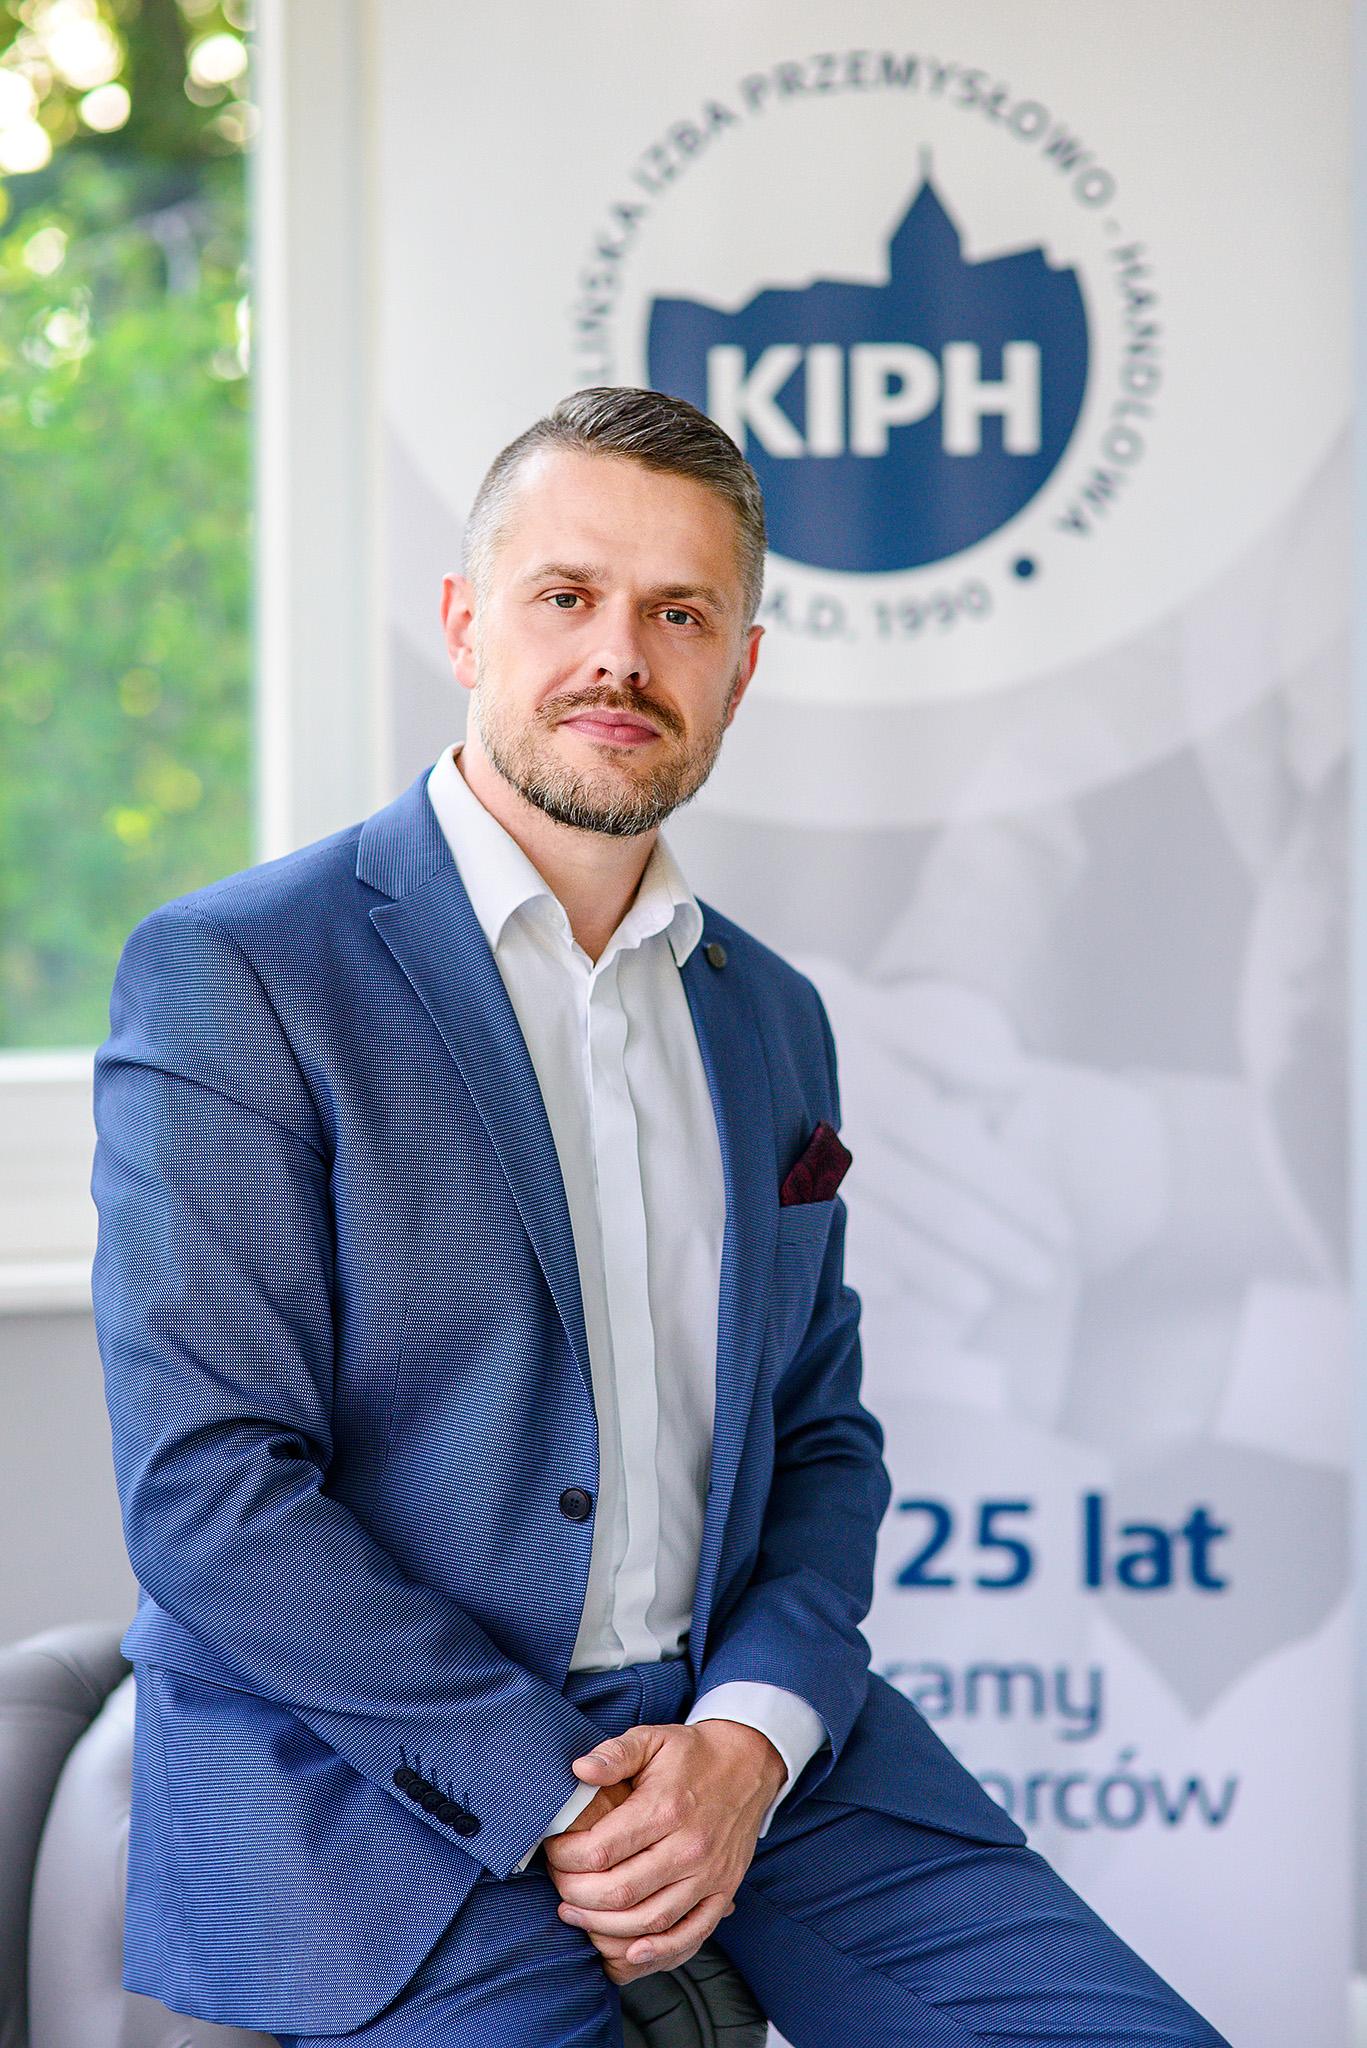 Piotr Huzar kiph-7291m